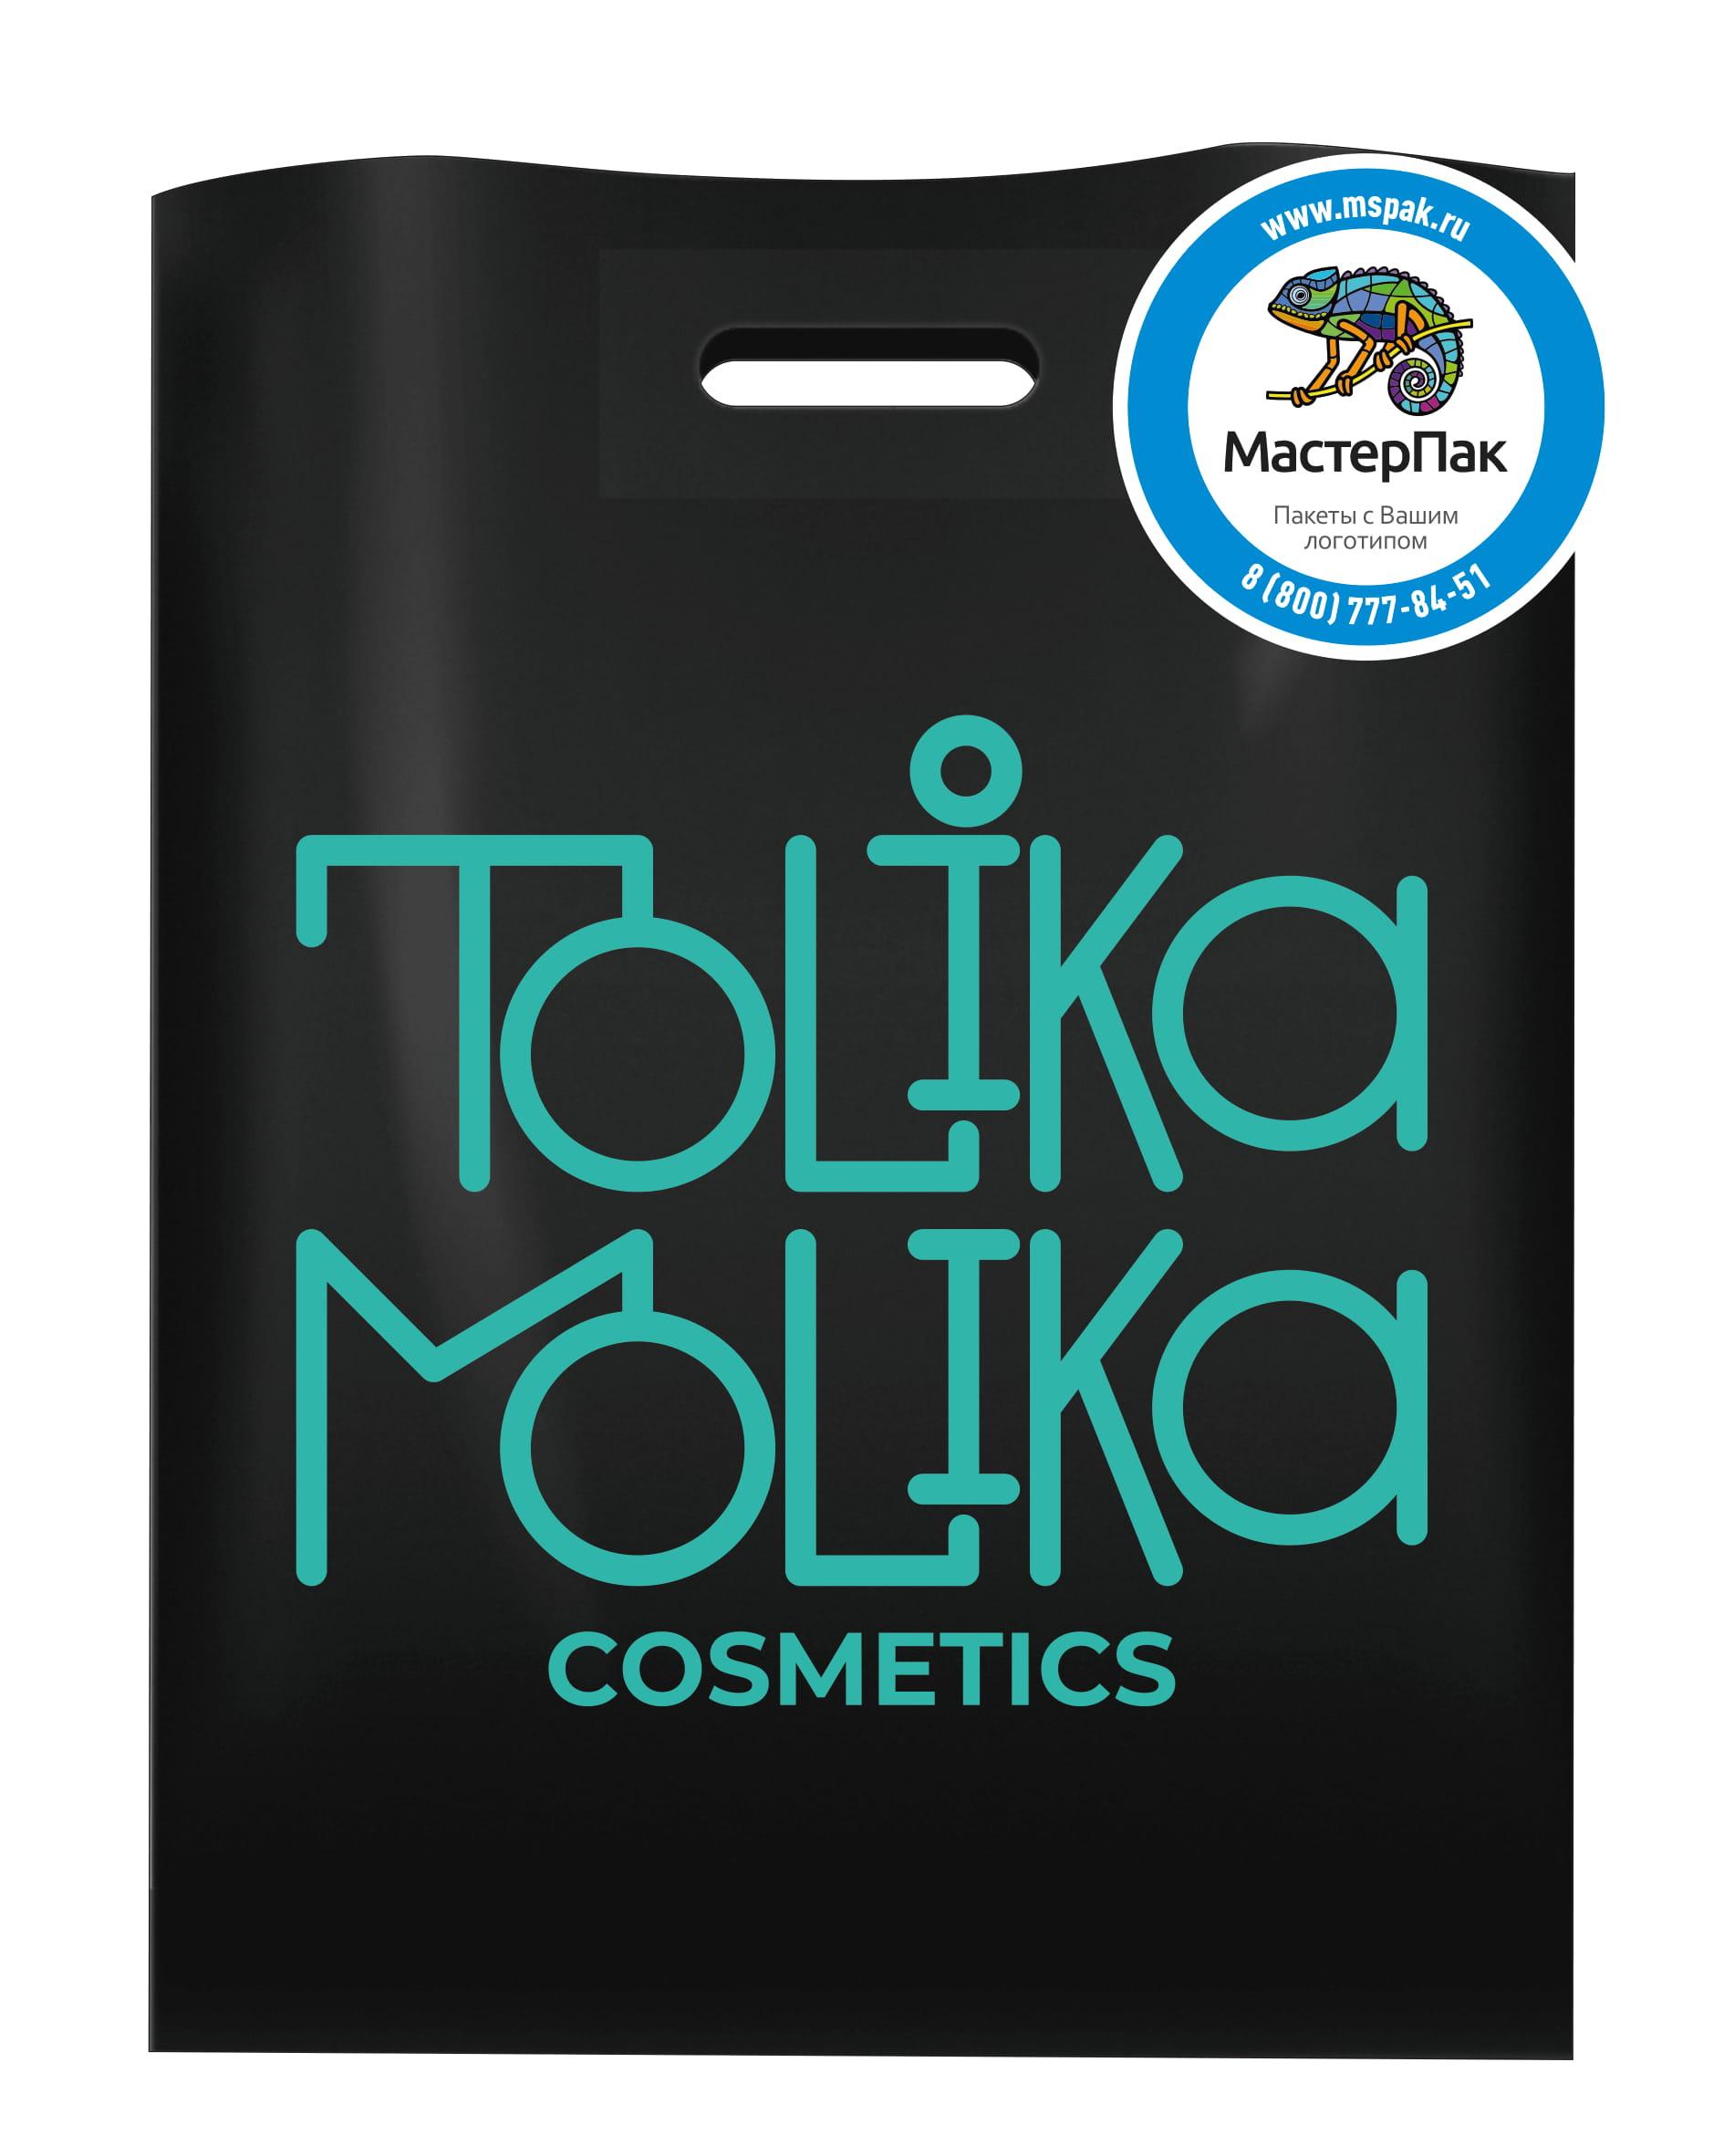 Пакет ПВД с логотипом Tolika Molika, Иваново, 70 мкм, 30*40